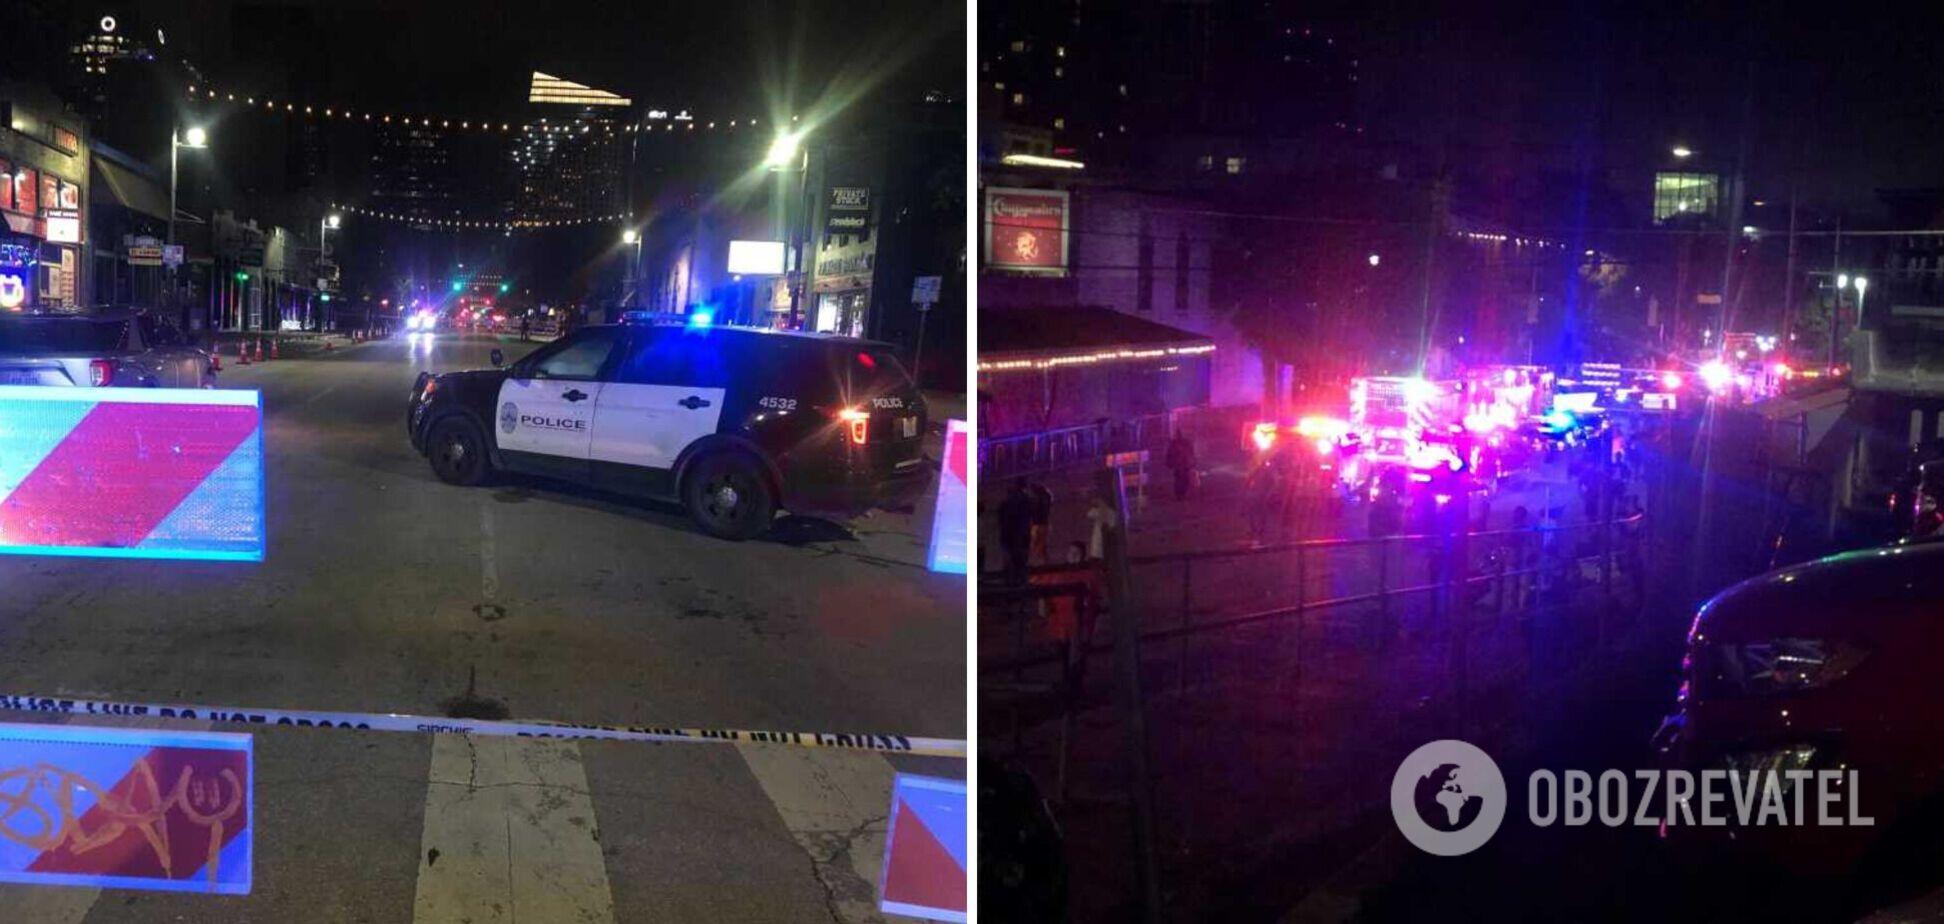 В США в ресторане расстреляли людей: 13 пострадавших. Фото и видео